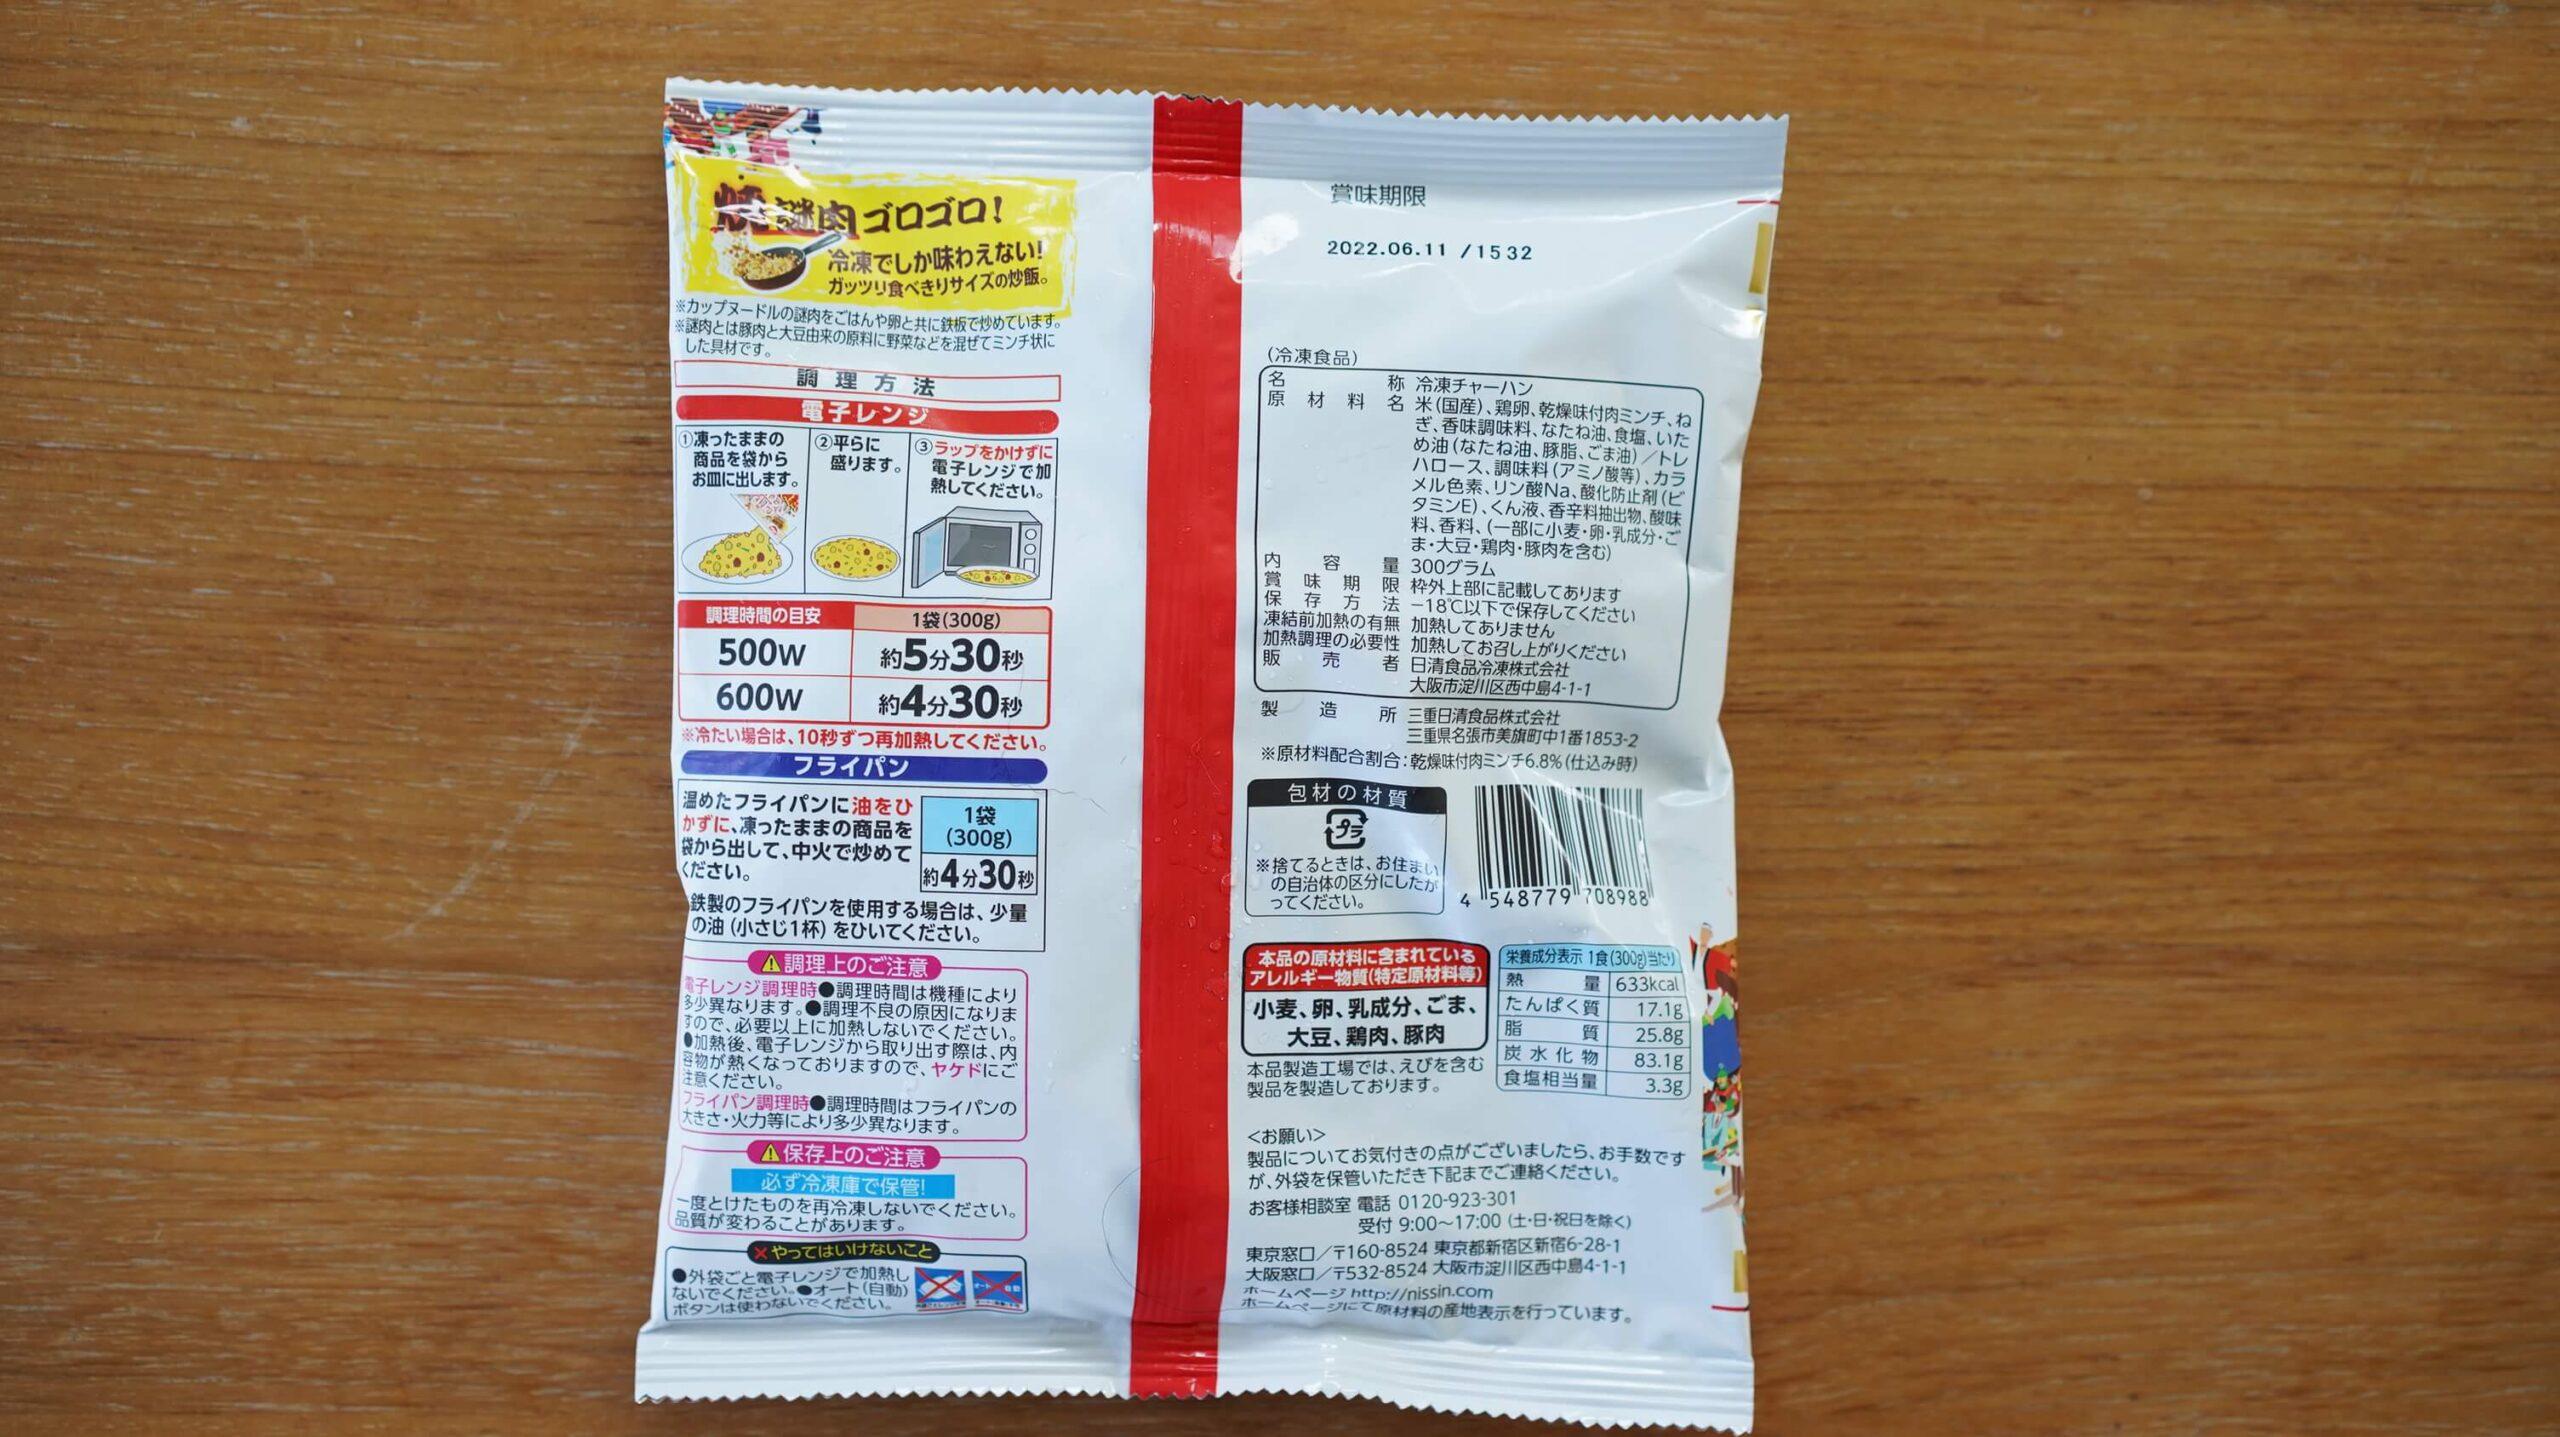 日清カップヌードル「謎肉」の冷凍チャーハン「謎肉炒飯」のパッケージ裏面の写真